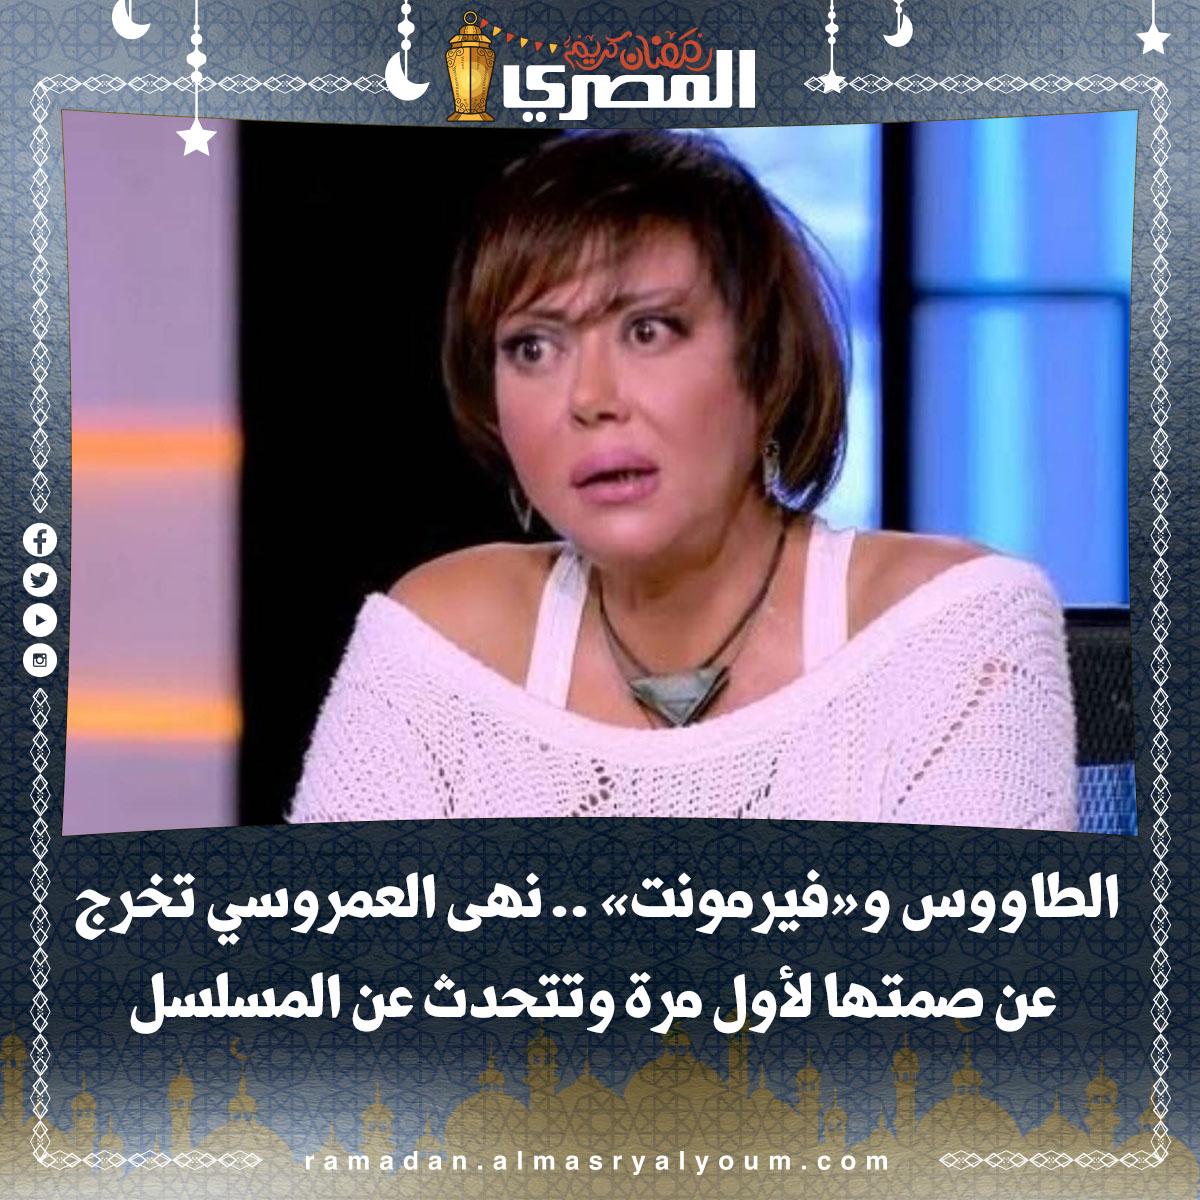 الطاووس و«فيرمونت».. نهى العمروسي تخرج عن صمتها لأول مرة وتتحدث عن المسلسل